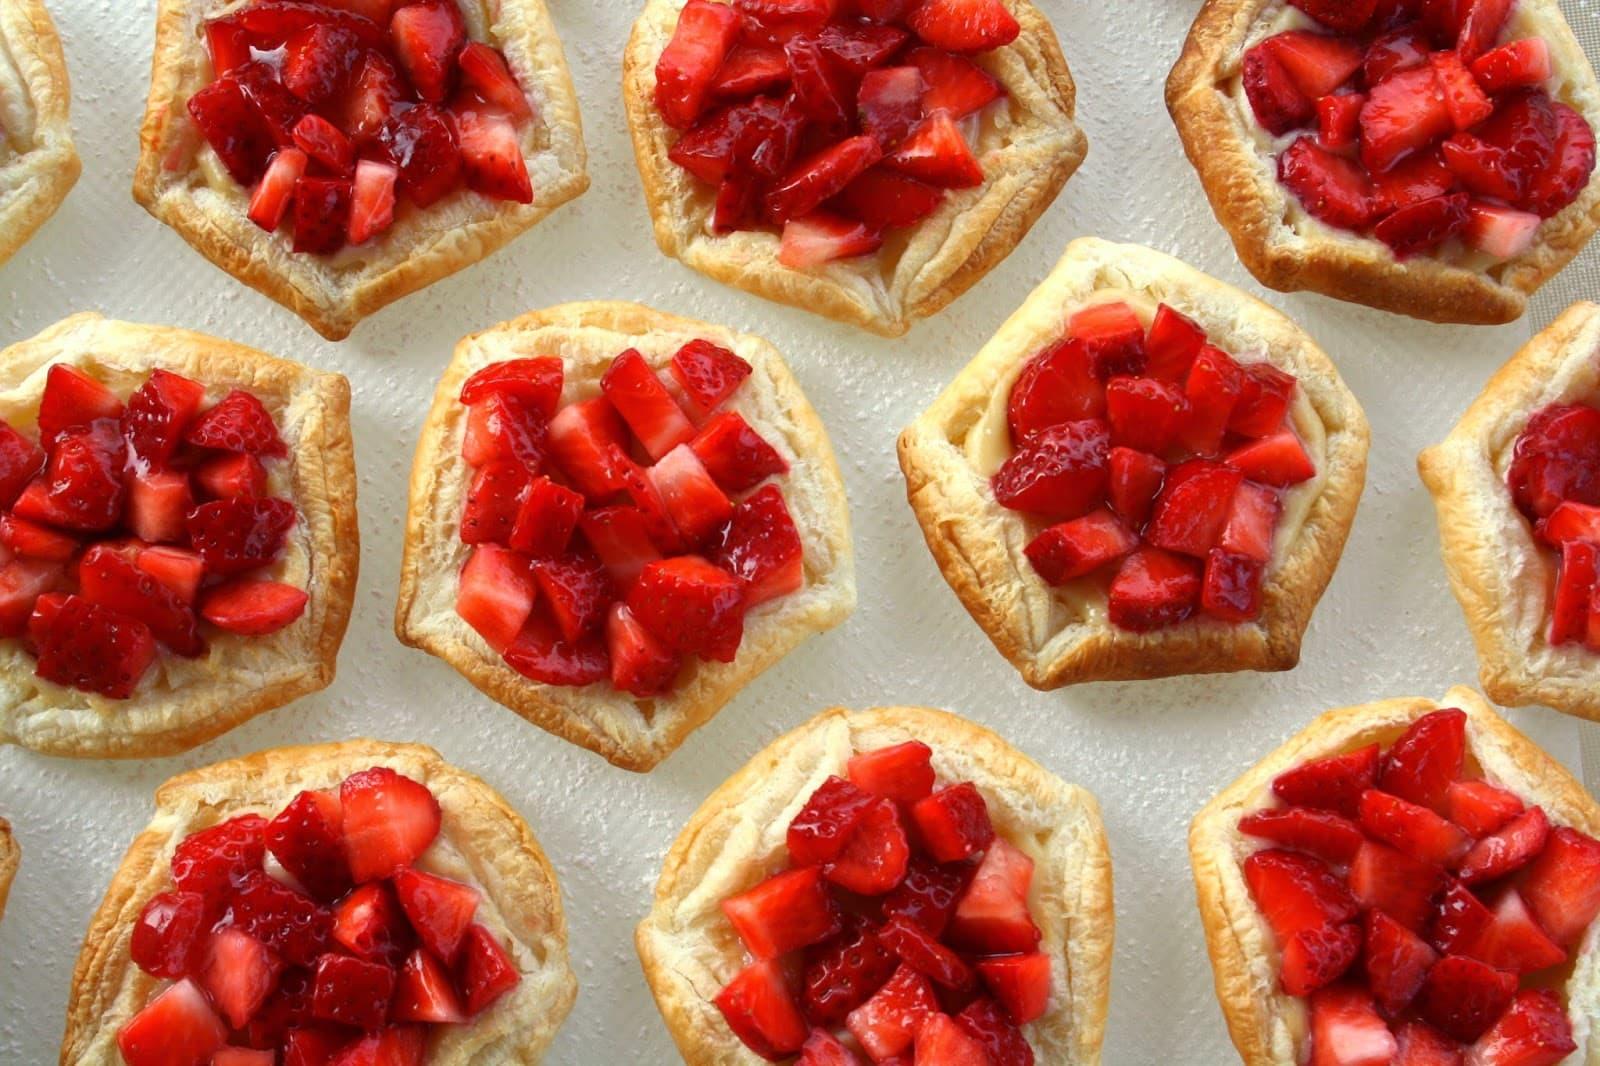 Bocaditos Dulces | Dulces y Bocaditos | Tartaleta de Fresa x 100 - Cod:BDT48